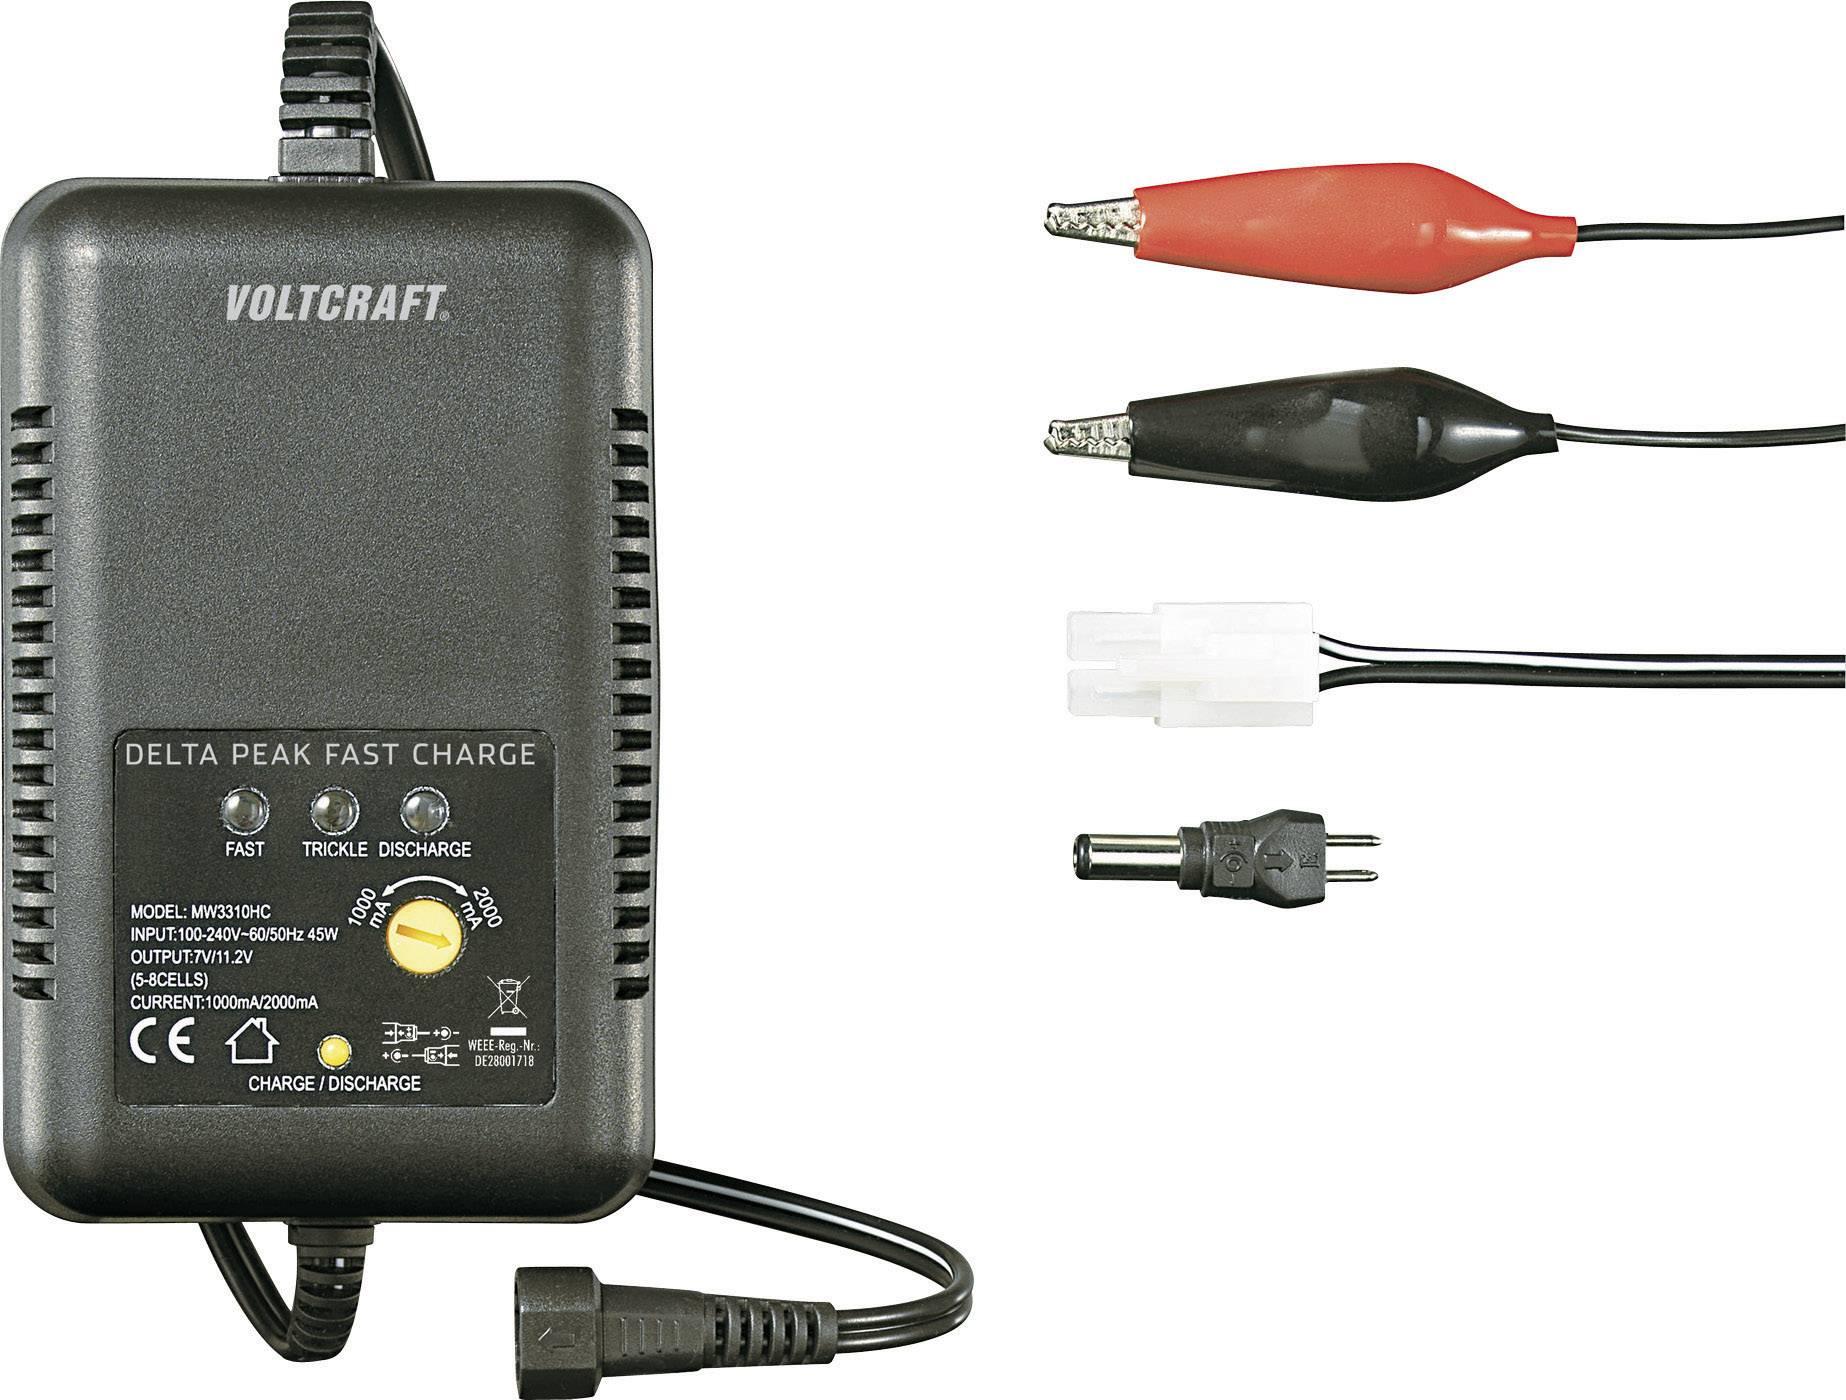 Modelárska nabíjačka VOLTCRAFT MW3310HC 237851, 220 V, 2 A